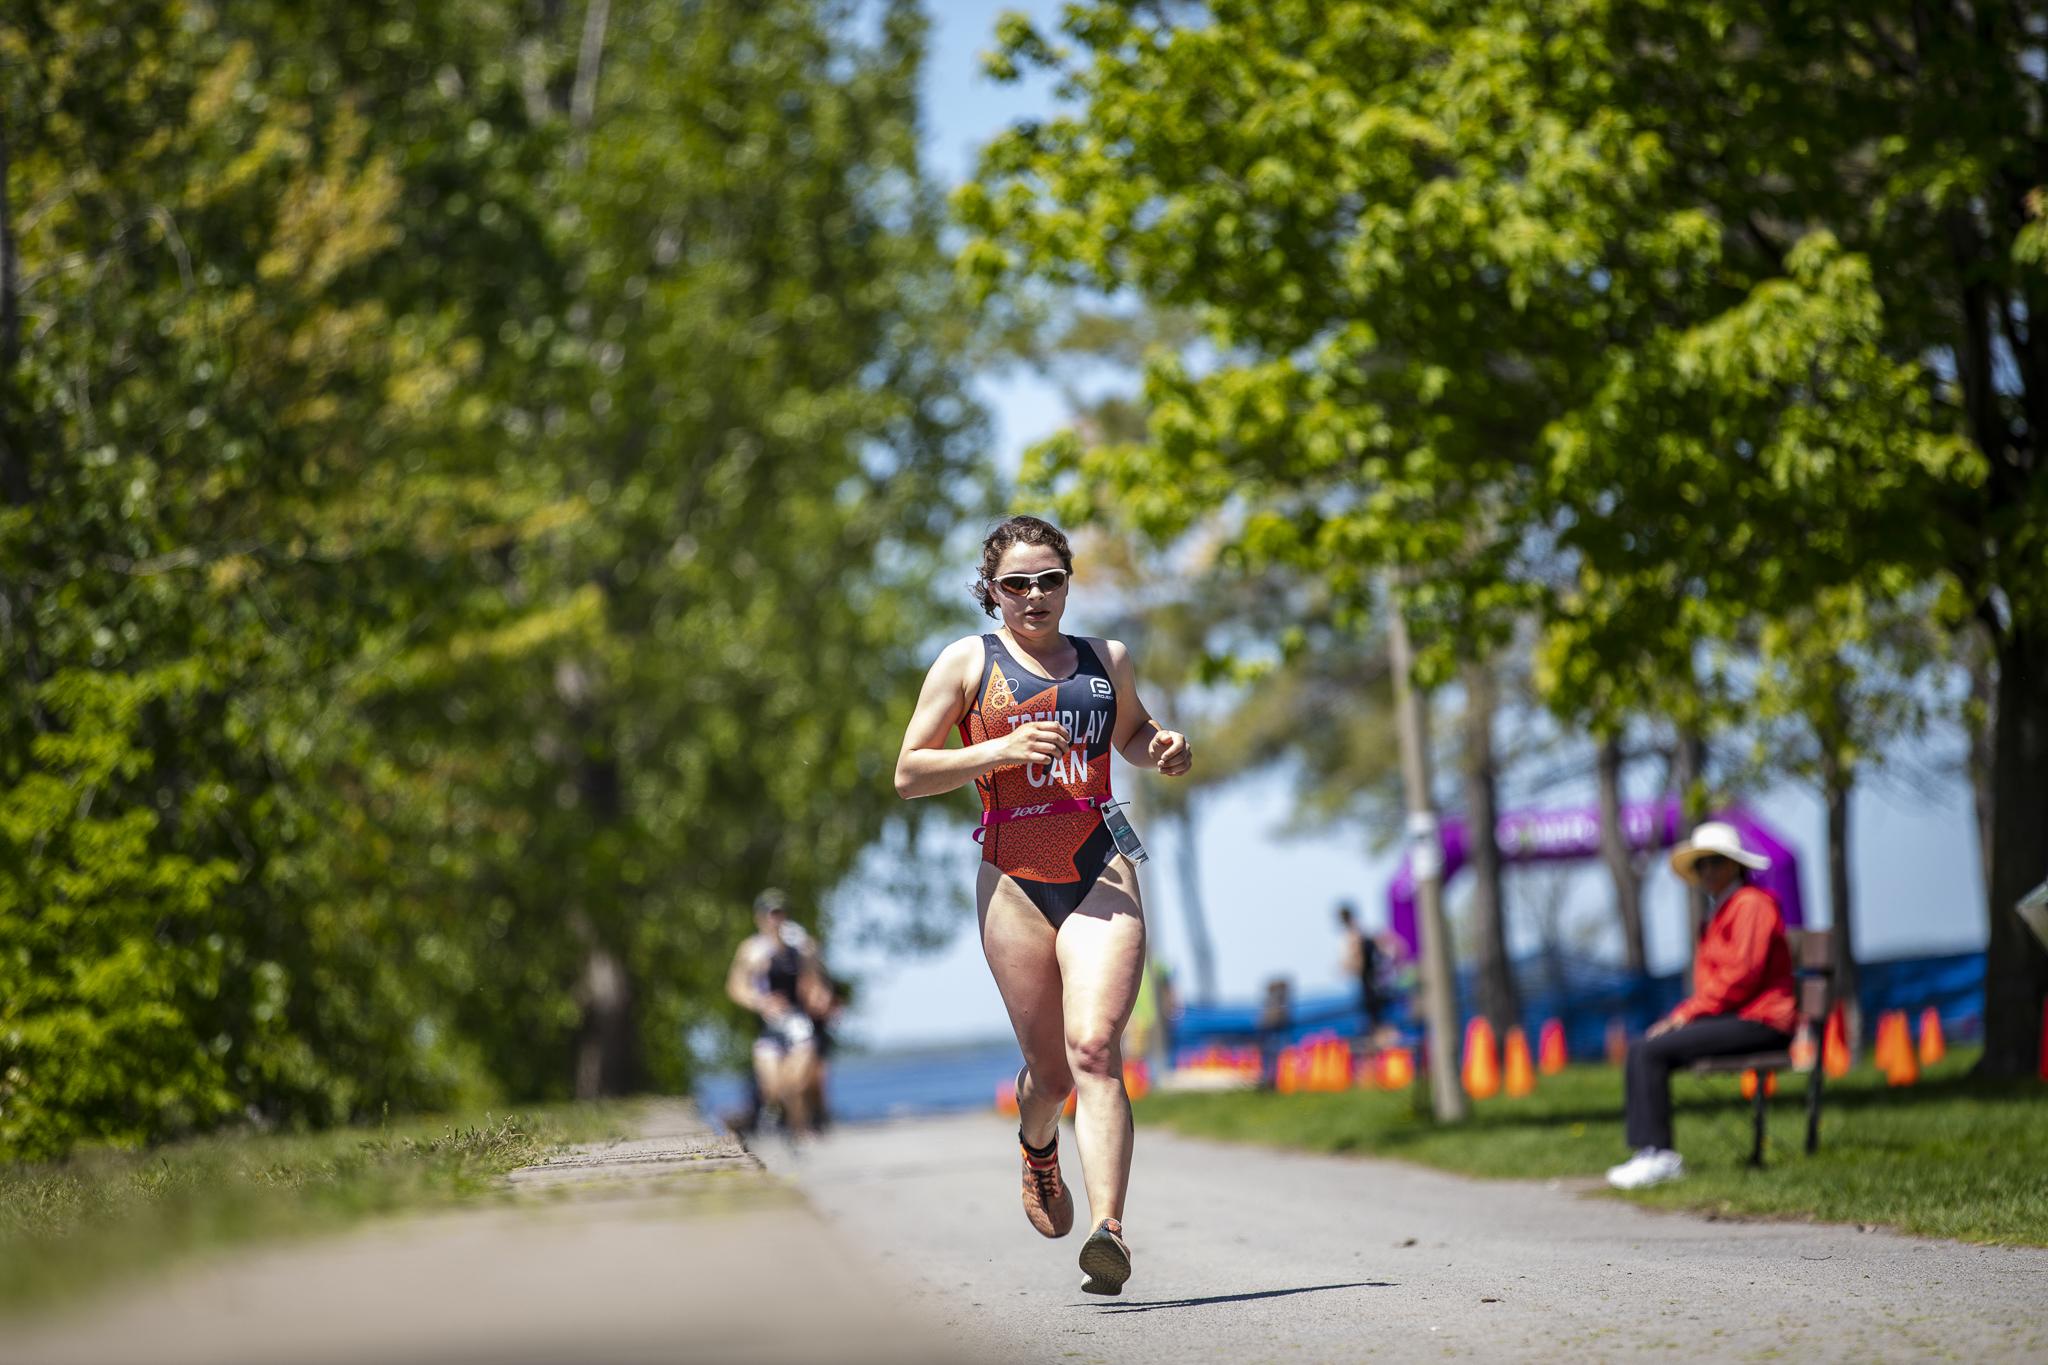 Emilie Tremblay - Somersault Olympic Triathlon - Britannia Beach - Reduced Edits - 08 Jun '19 - 10.JPG